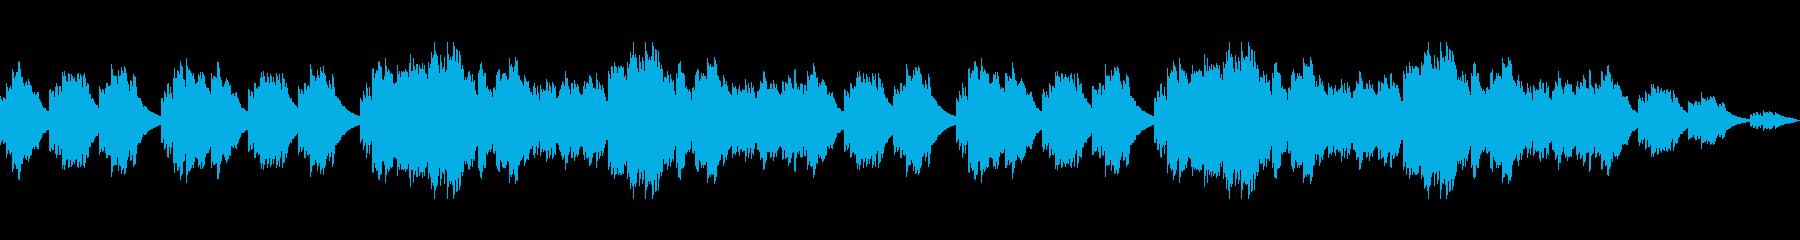 幻想的な雰囲気漂う美しいオルゴールの再生済みの波形